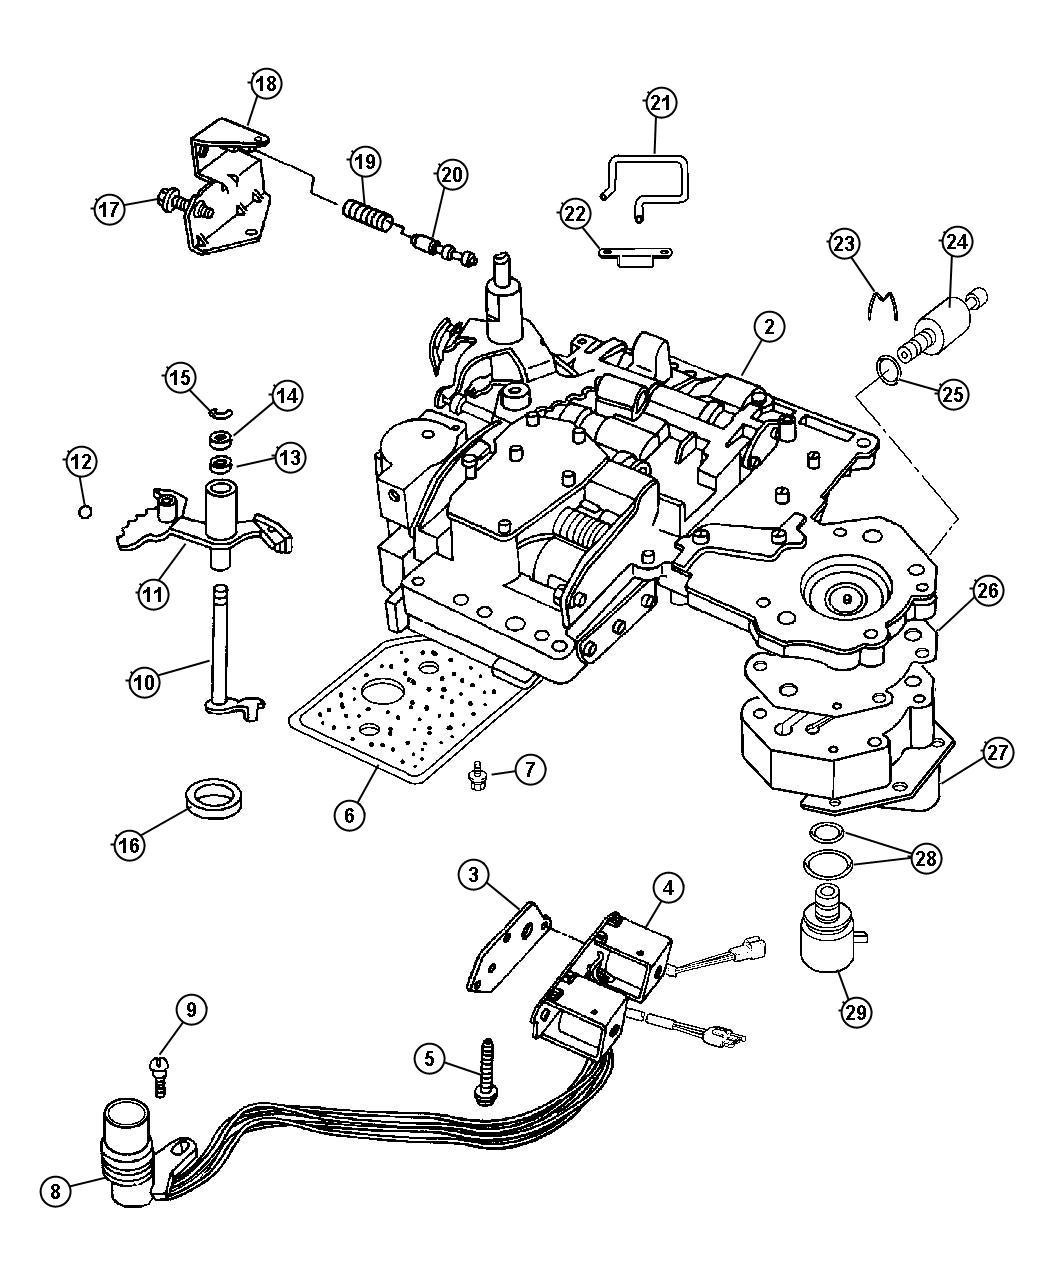 dodge a518 transmission diagram  dodge  free engine image